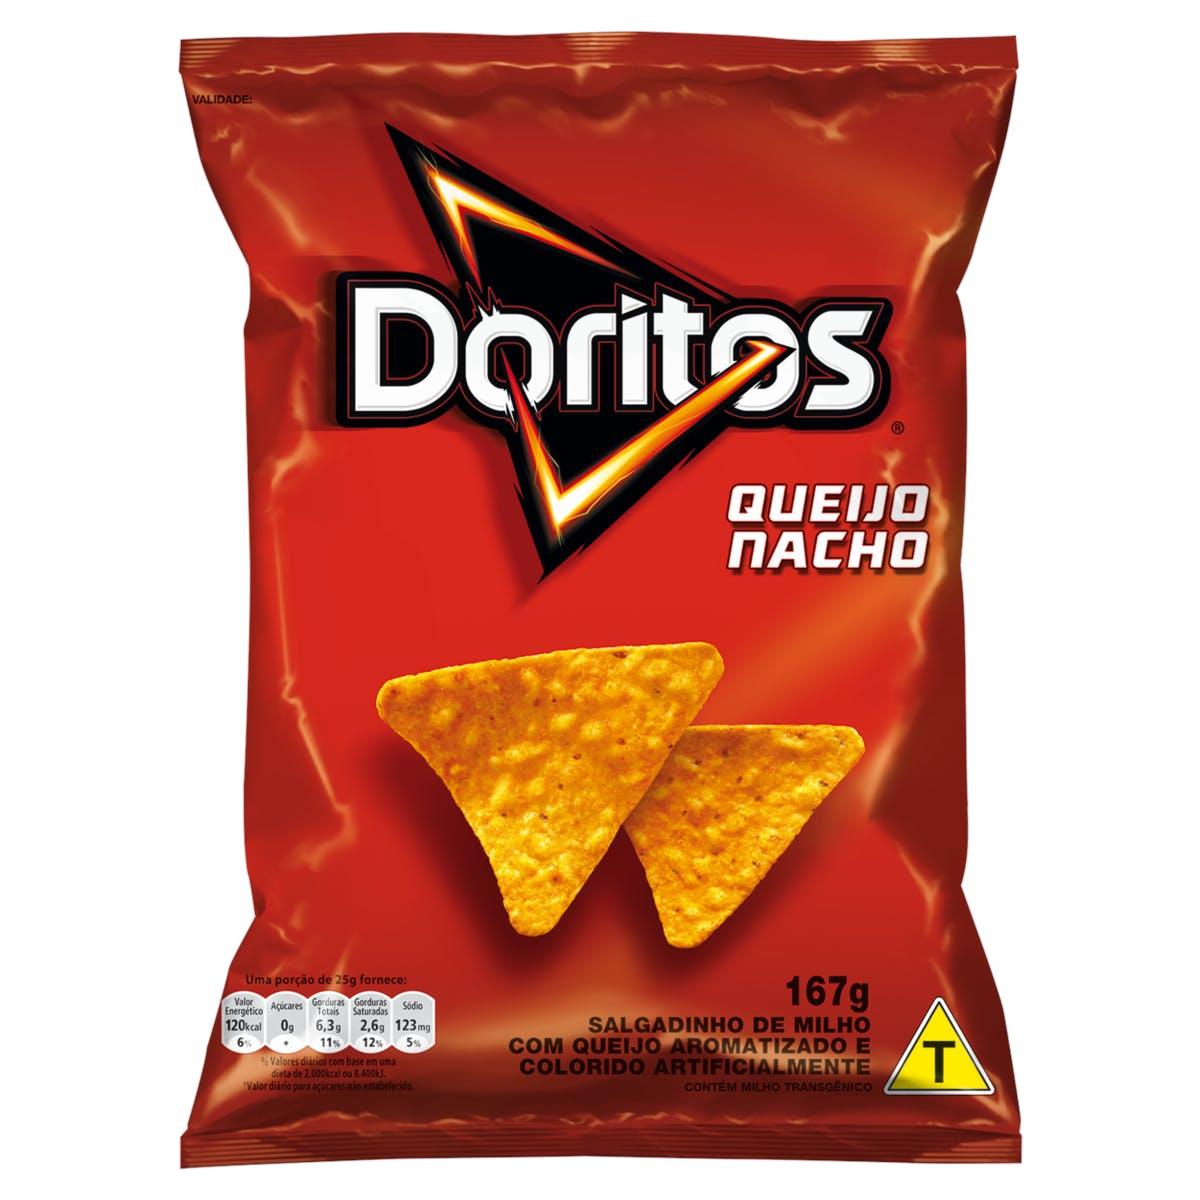 Doritos Queijo Nacho 167g